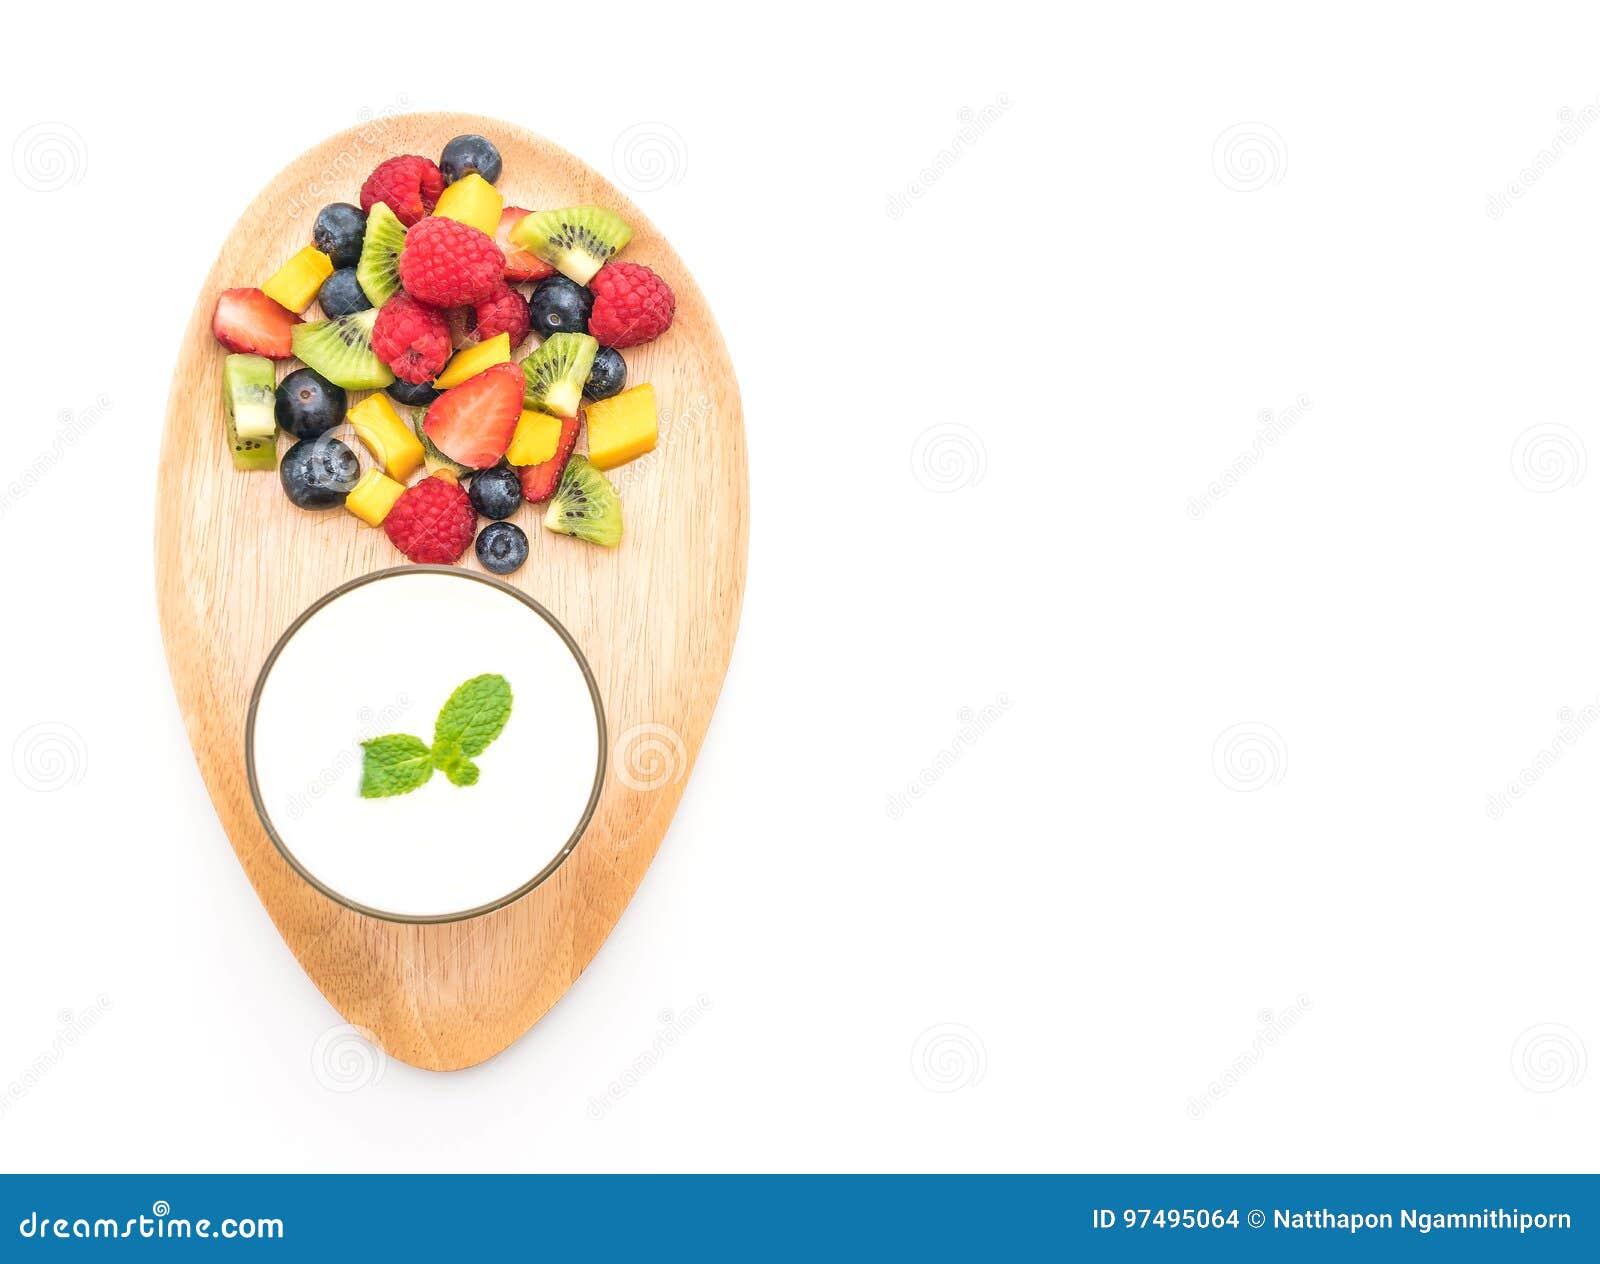 Yogurt con frutta mista (fragola, mirtilli, lampone, kiw